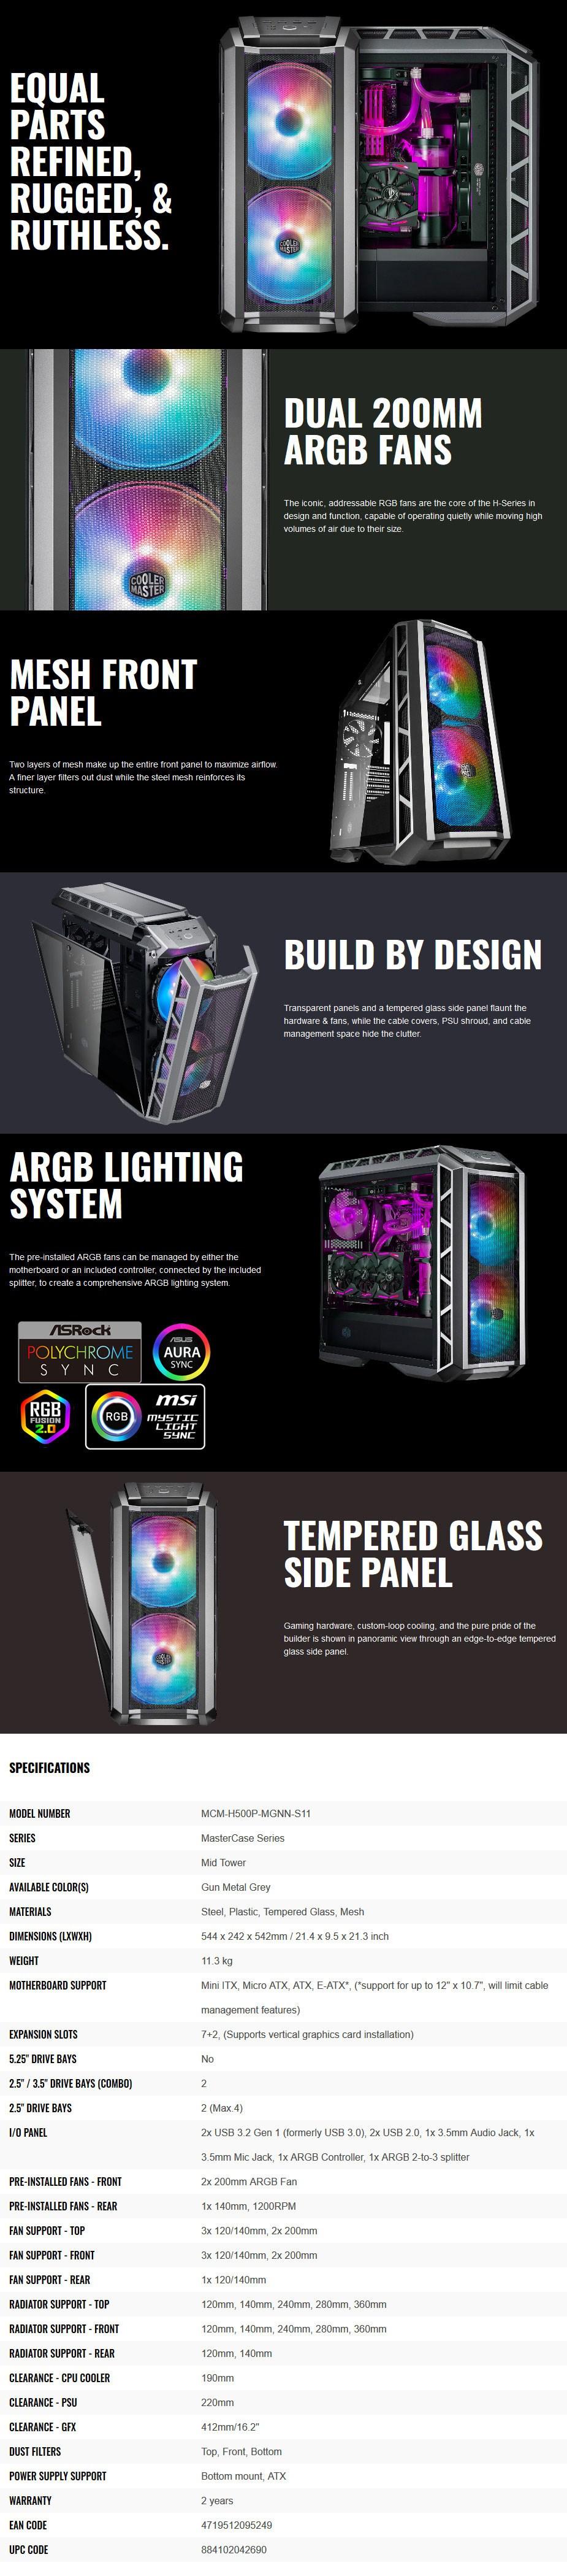 cooler-master-mastercase-h500p-argb-mesh-tg-midtower-atx-case-black-ac31721-5.jpg